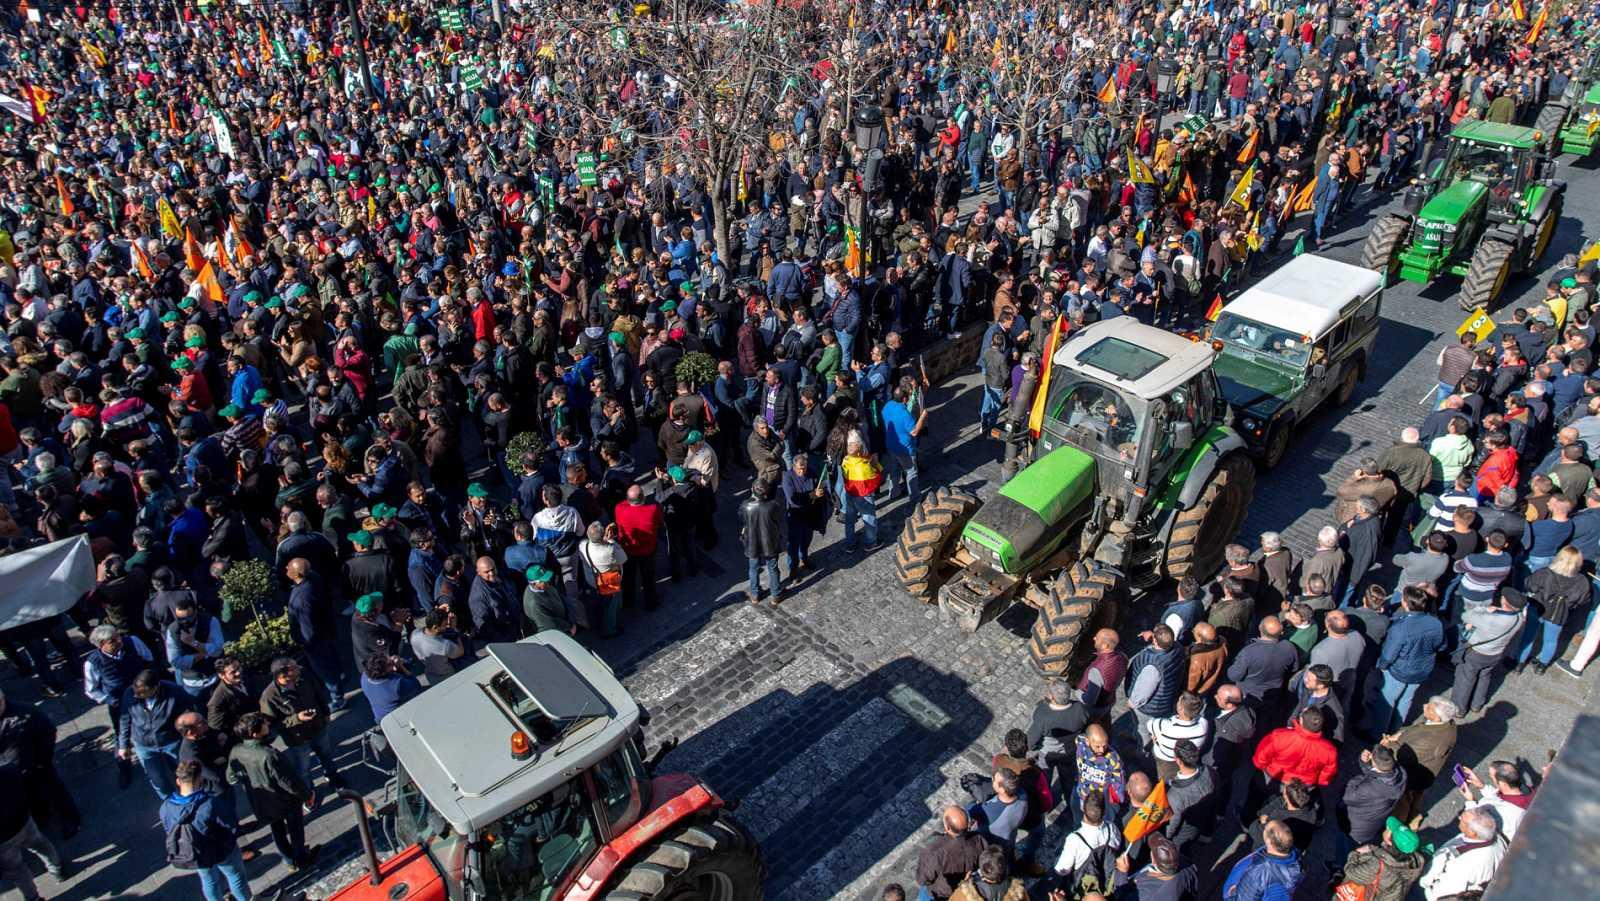 Las claves del estallido del campo: ¿Qué reivindican los agricultores?